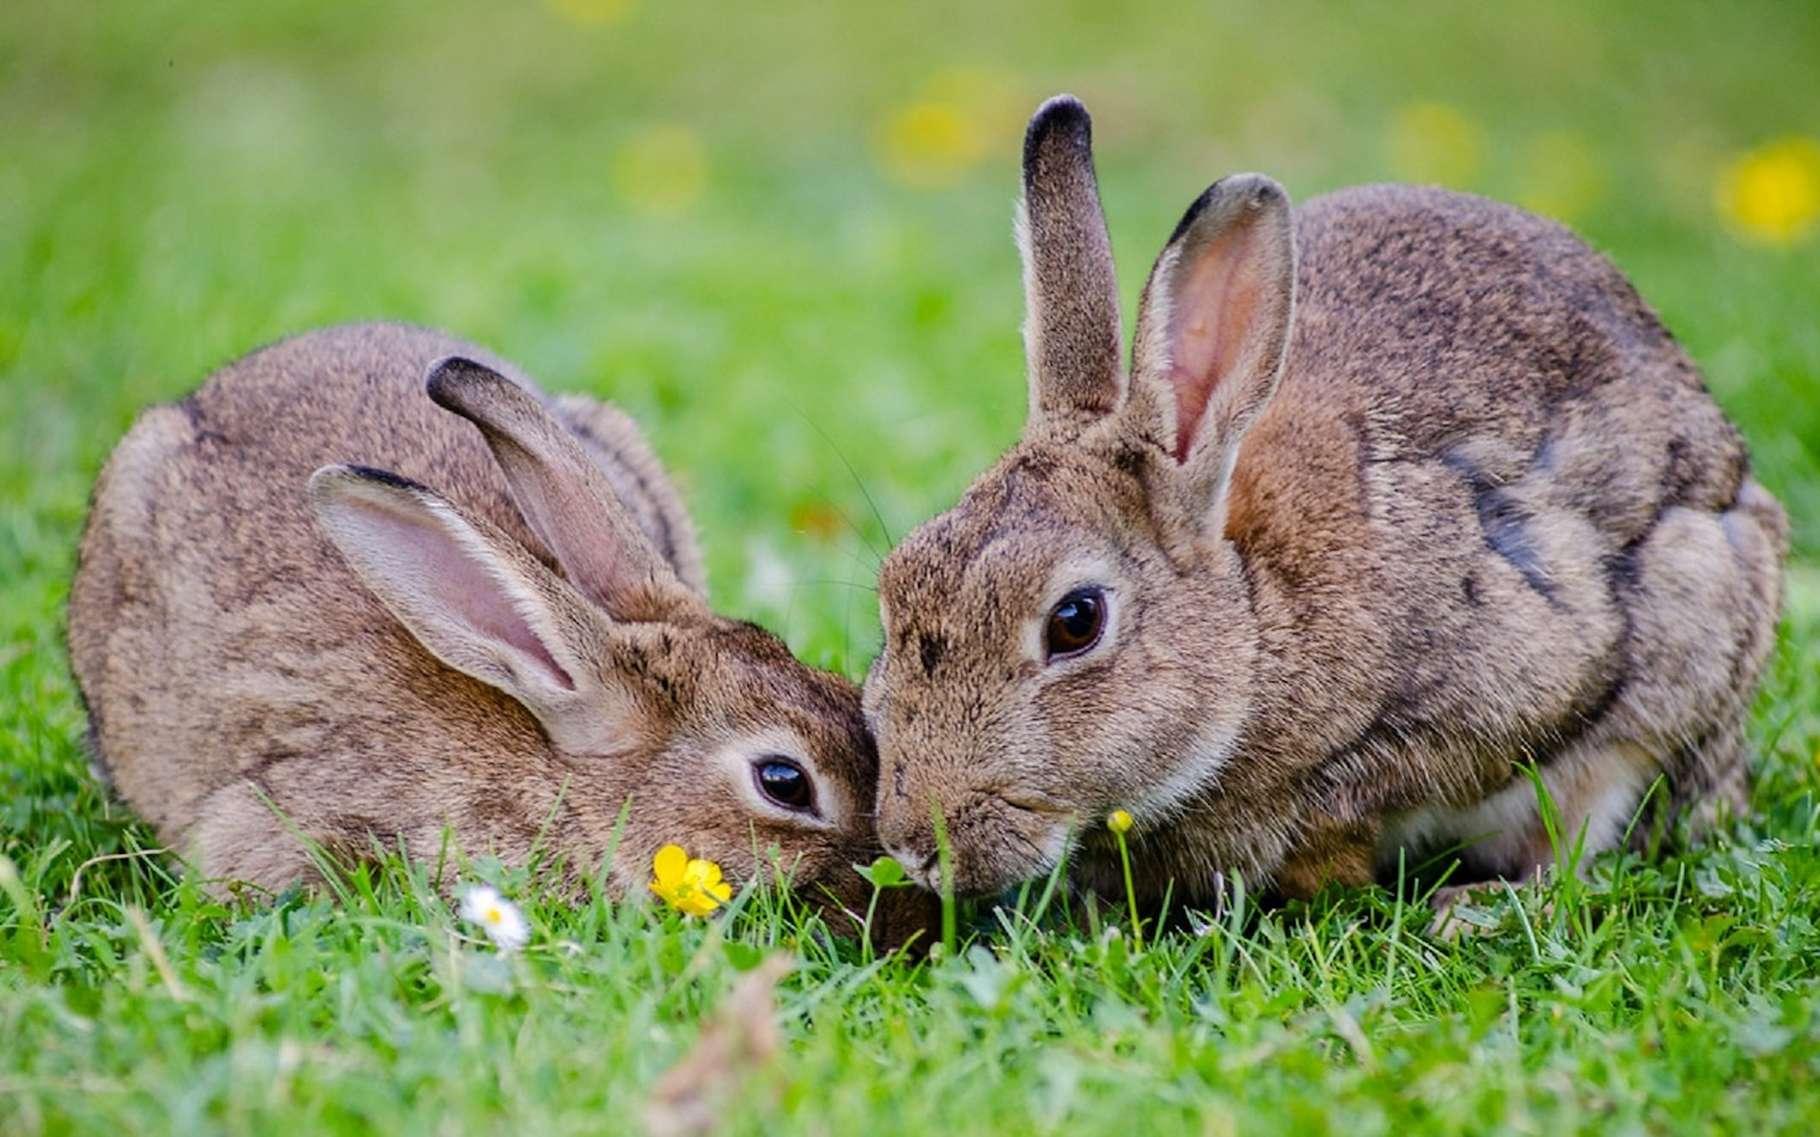 Certains animaux, comme les lapins, mangent leurs crottes pour en tirer des nutriments supplémentaires. © Skeeze, Pixabay, CC0 Public Domain